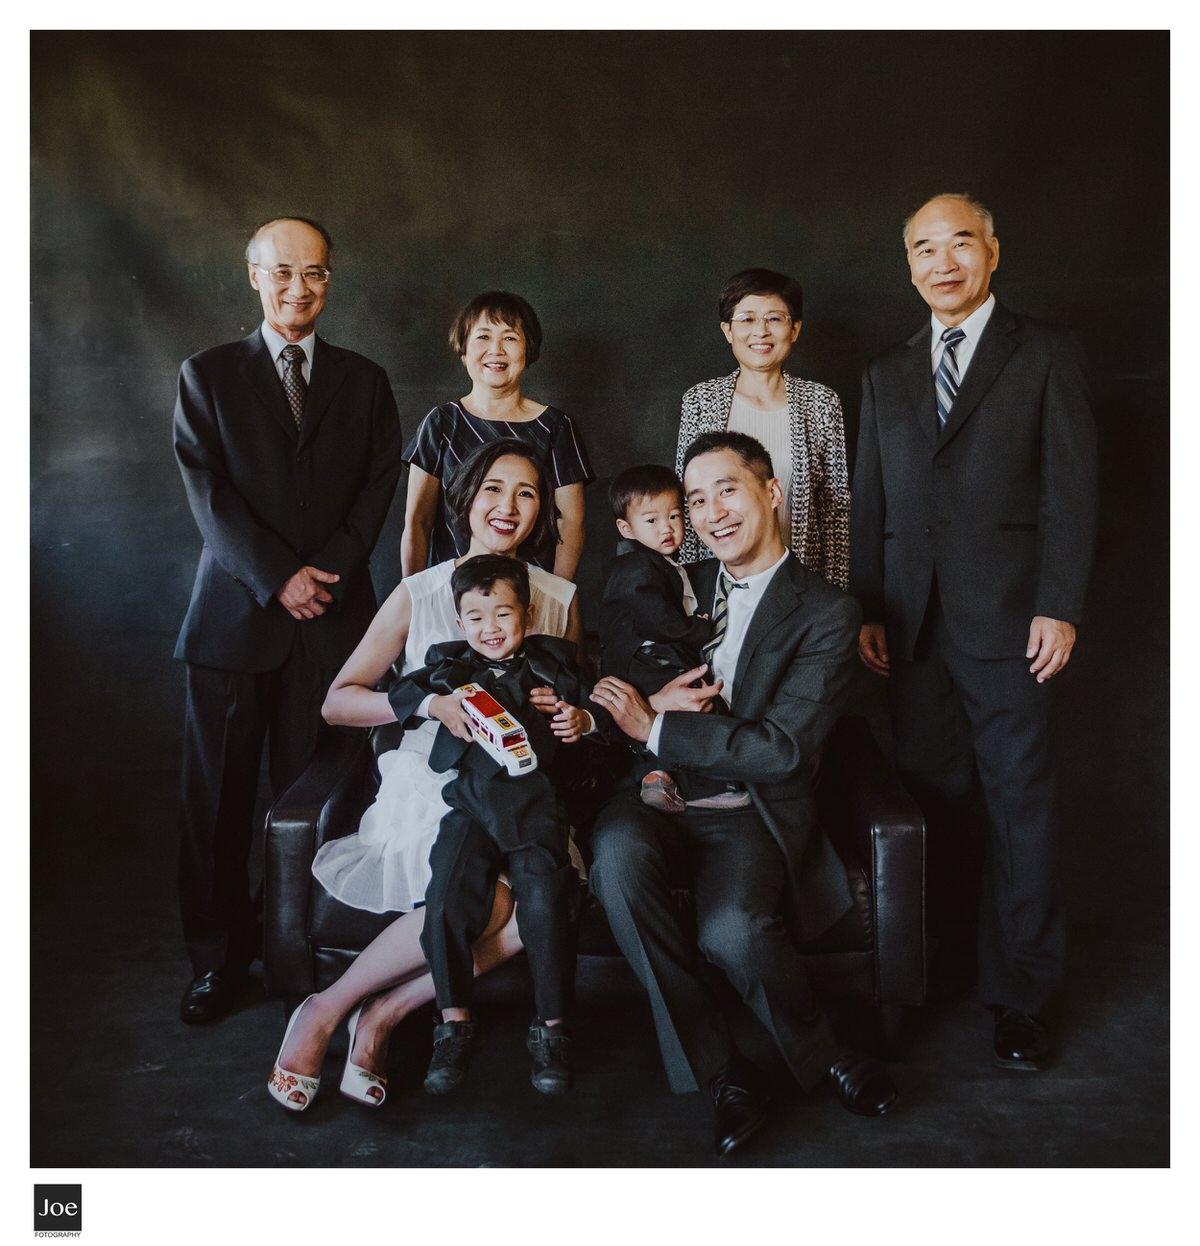 joe-fotography-family-photo-001.jpg